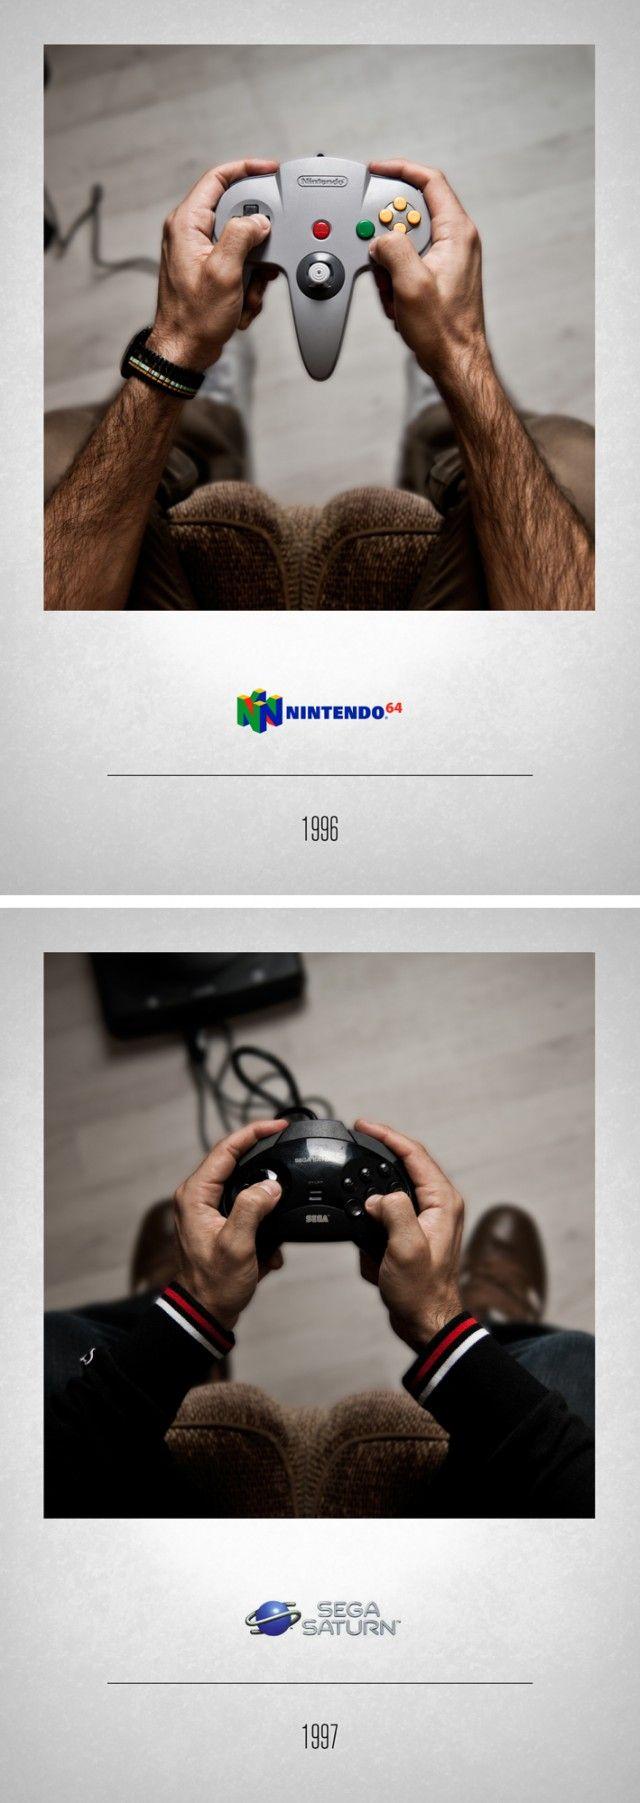 artsite-jeux-video-histoire-manettes-photographie-11 Un photographe retrace 30 ans de consoles de jeux à travers 22 manettes intemporelles